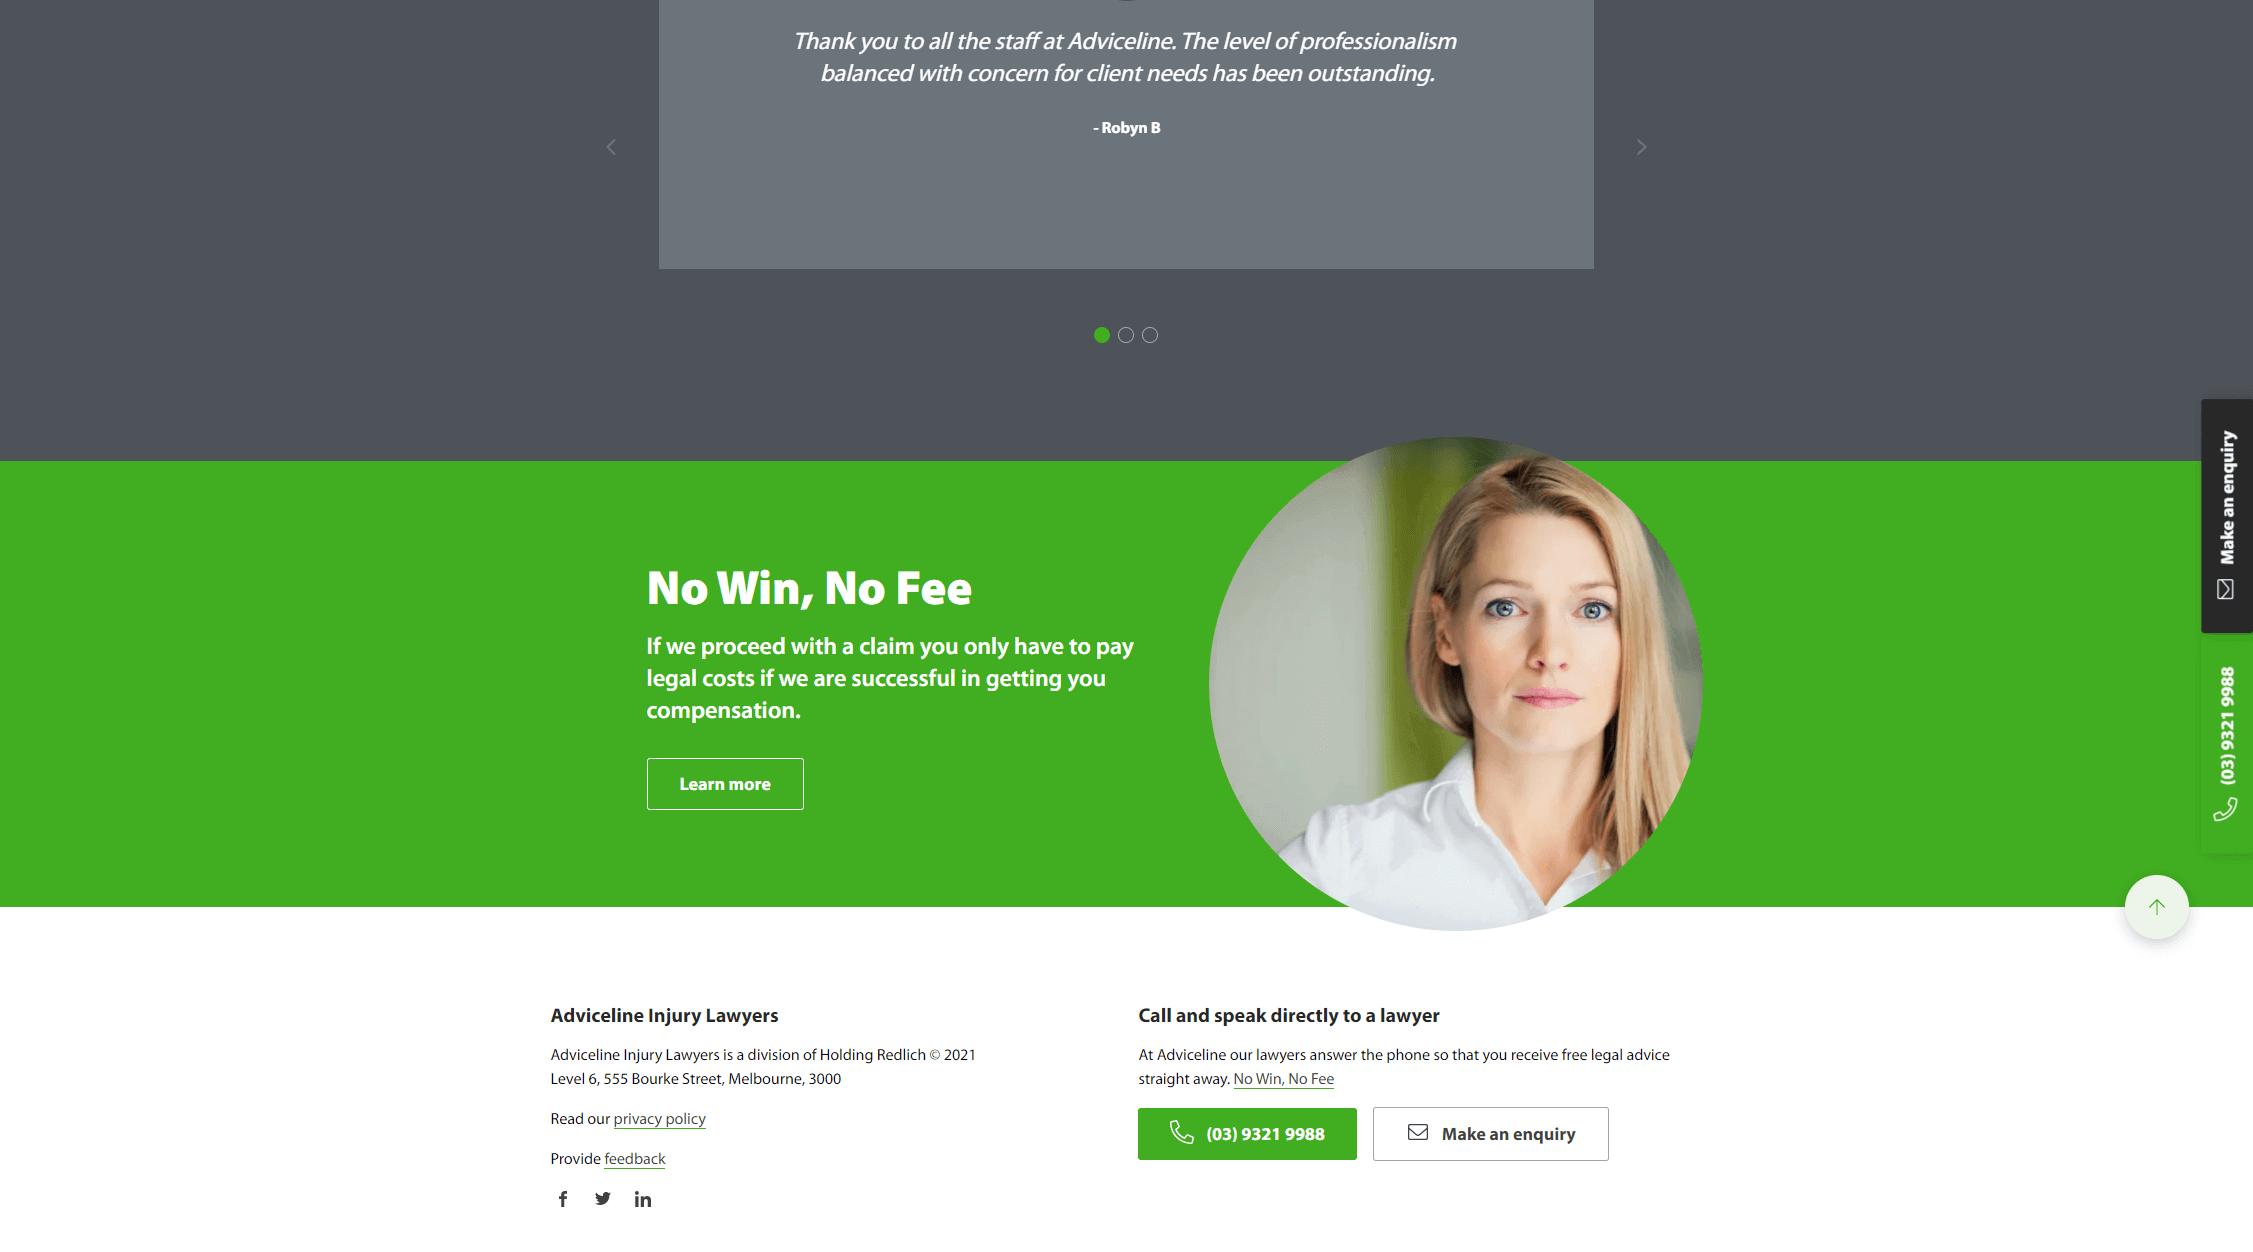 advicelineinjurylawyers.com.au-3